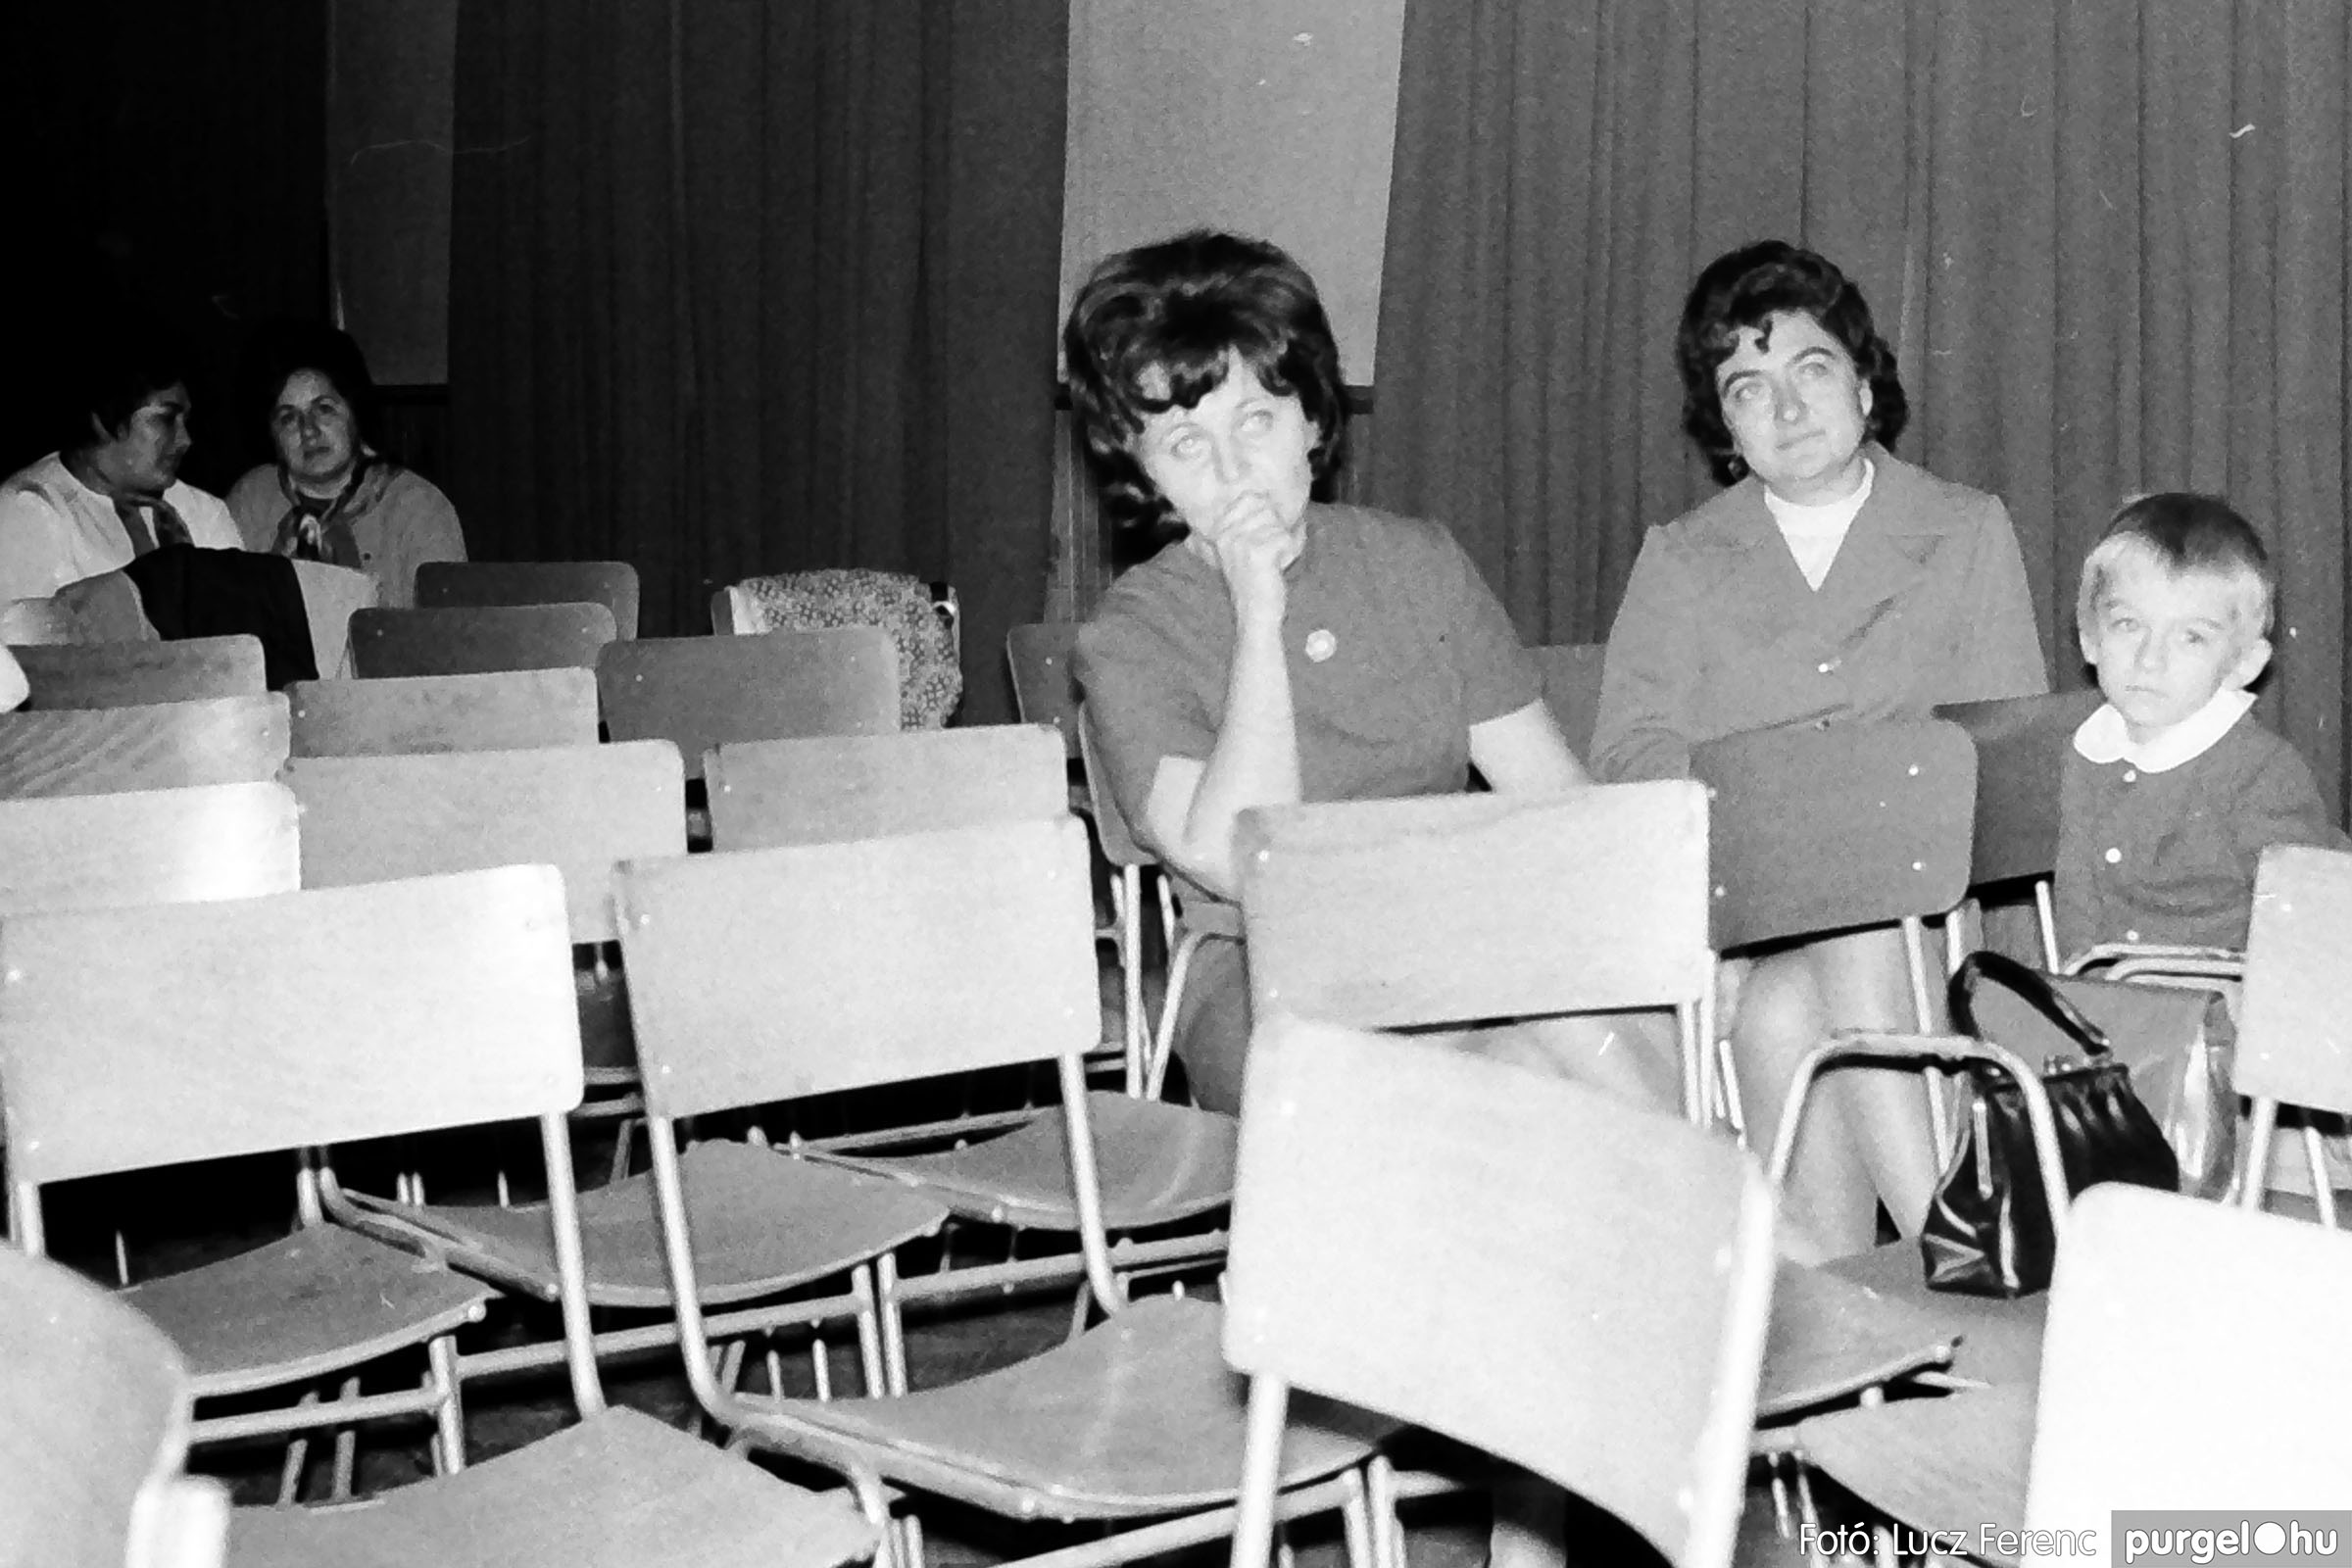 004C 1970-es évek - Zenés est 005 - Fotó: Lucz Ferenc IMG00077q.jpg